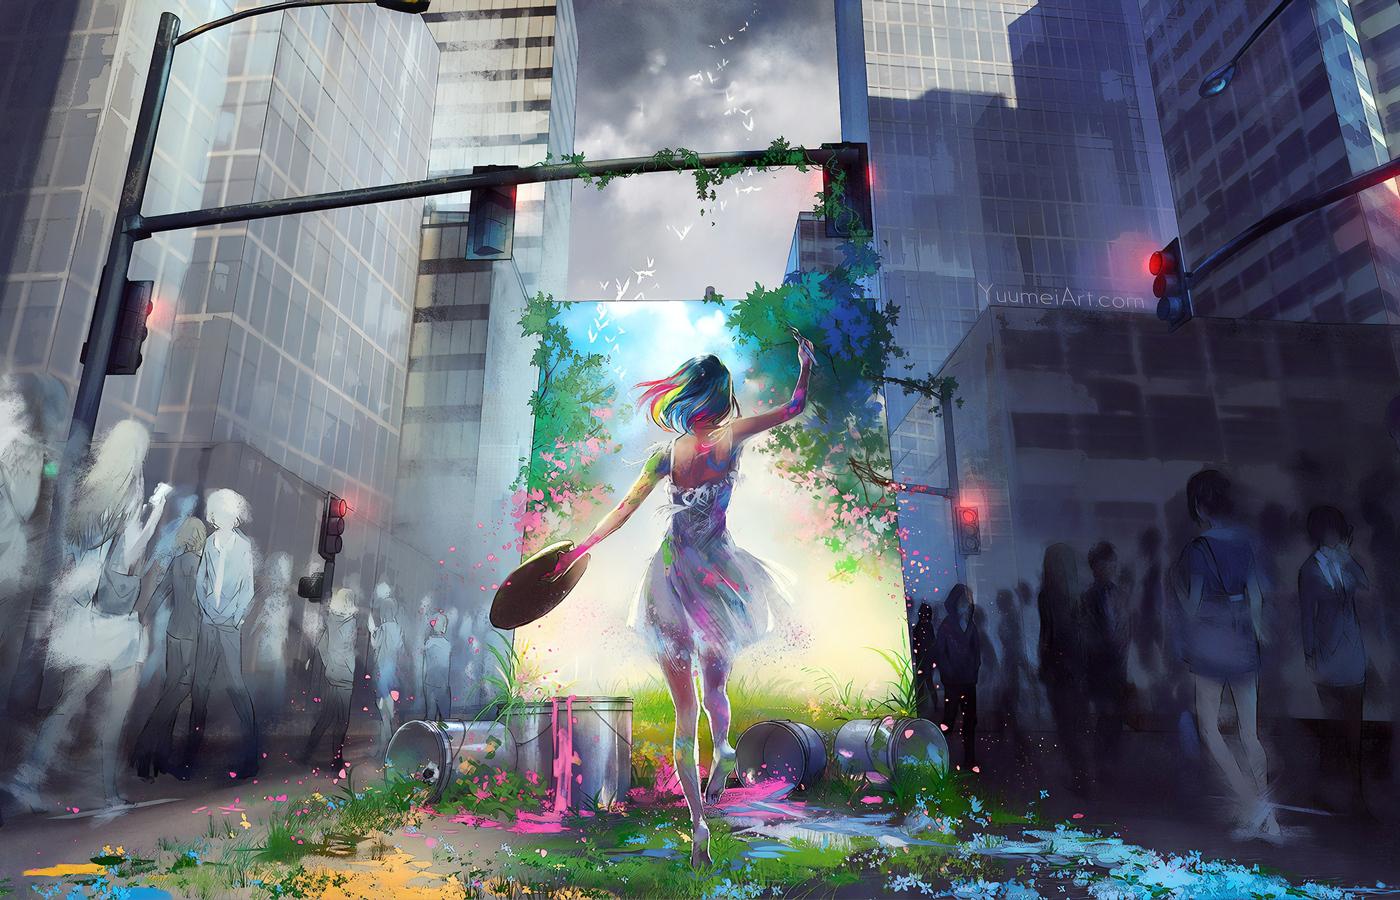 painting-the-city-4k-3v.jpg